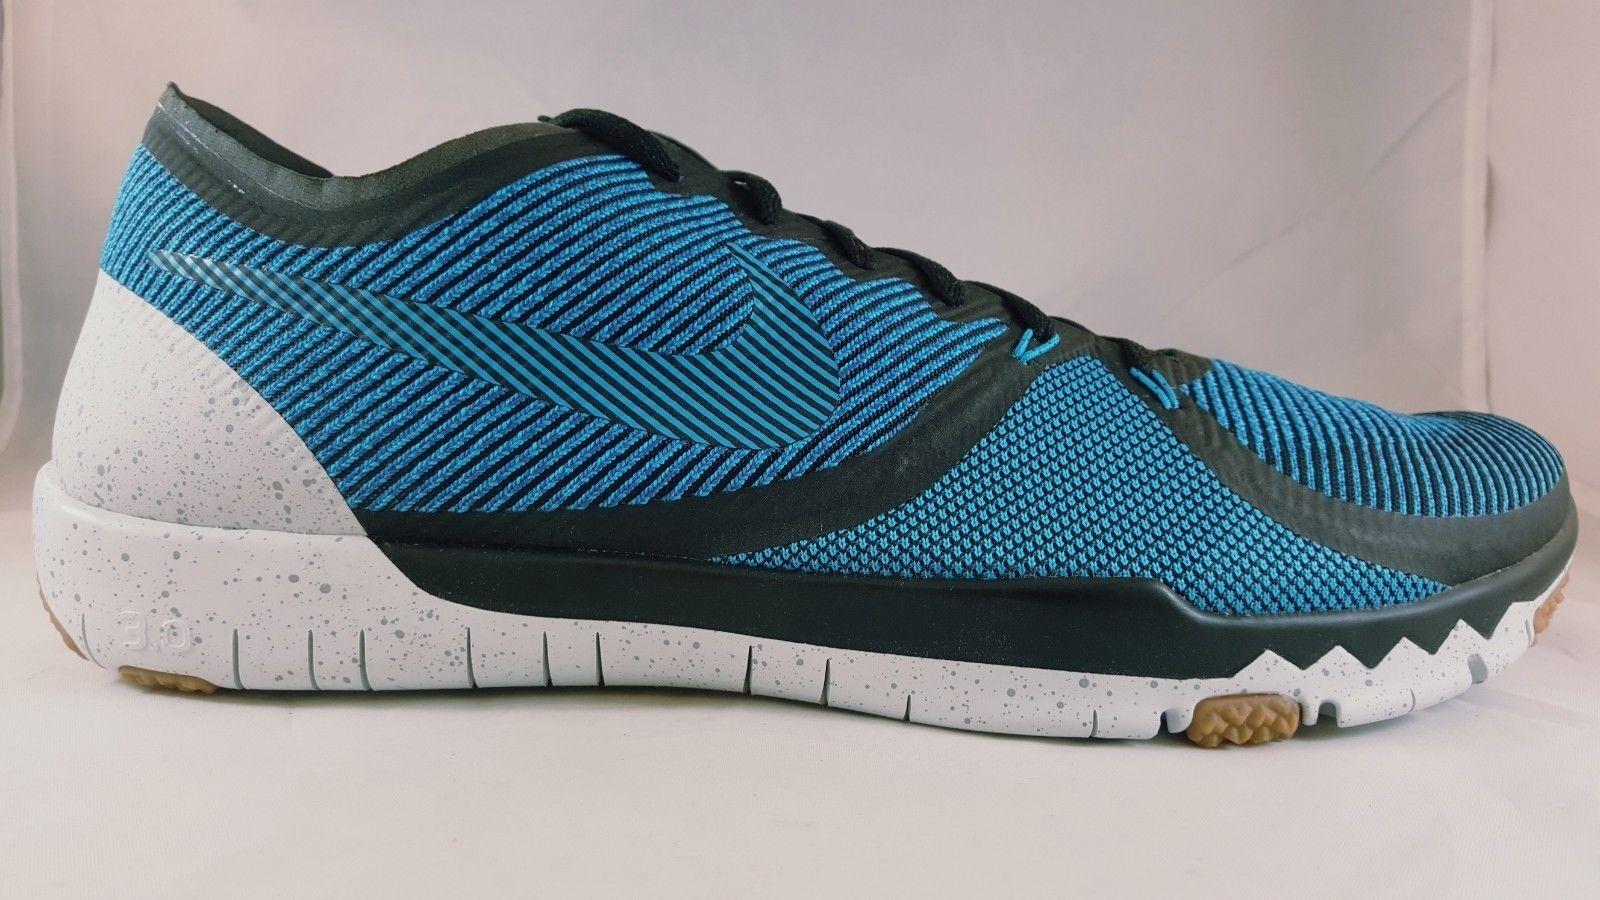 Nike free trainer 3.0 (männer - cross - trainer schuh 749361 044 größe 15.